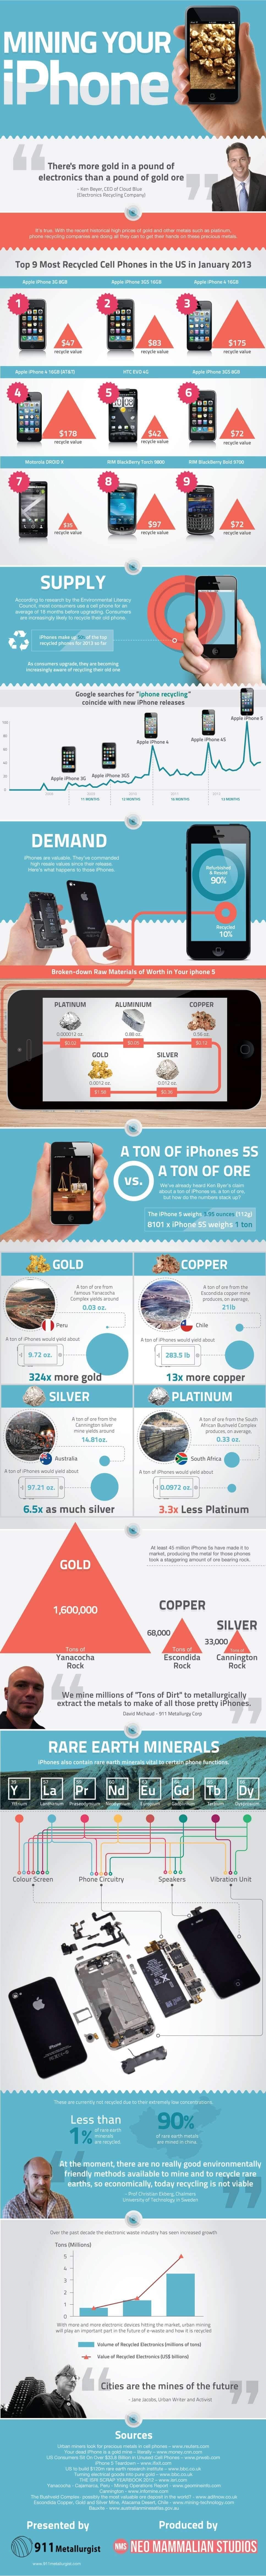 Mining iPhone info